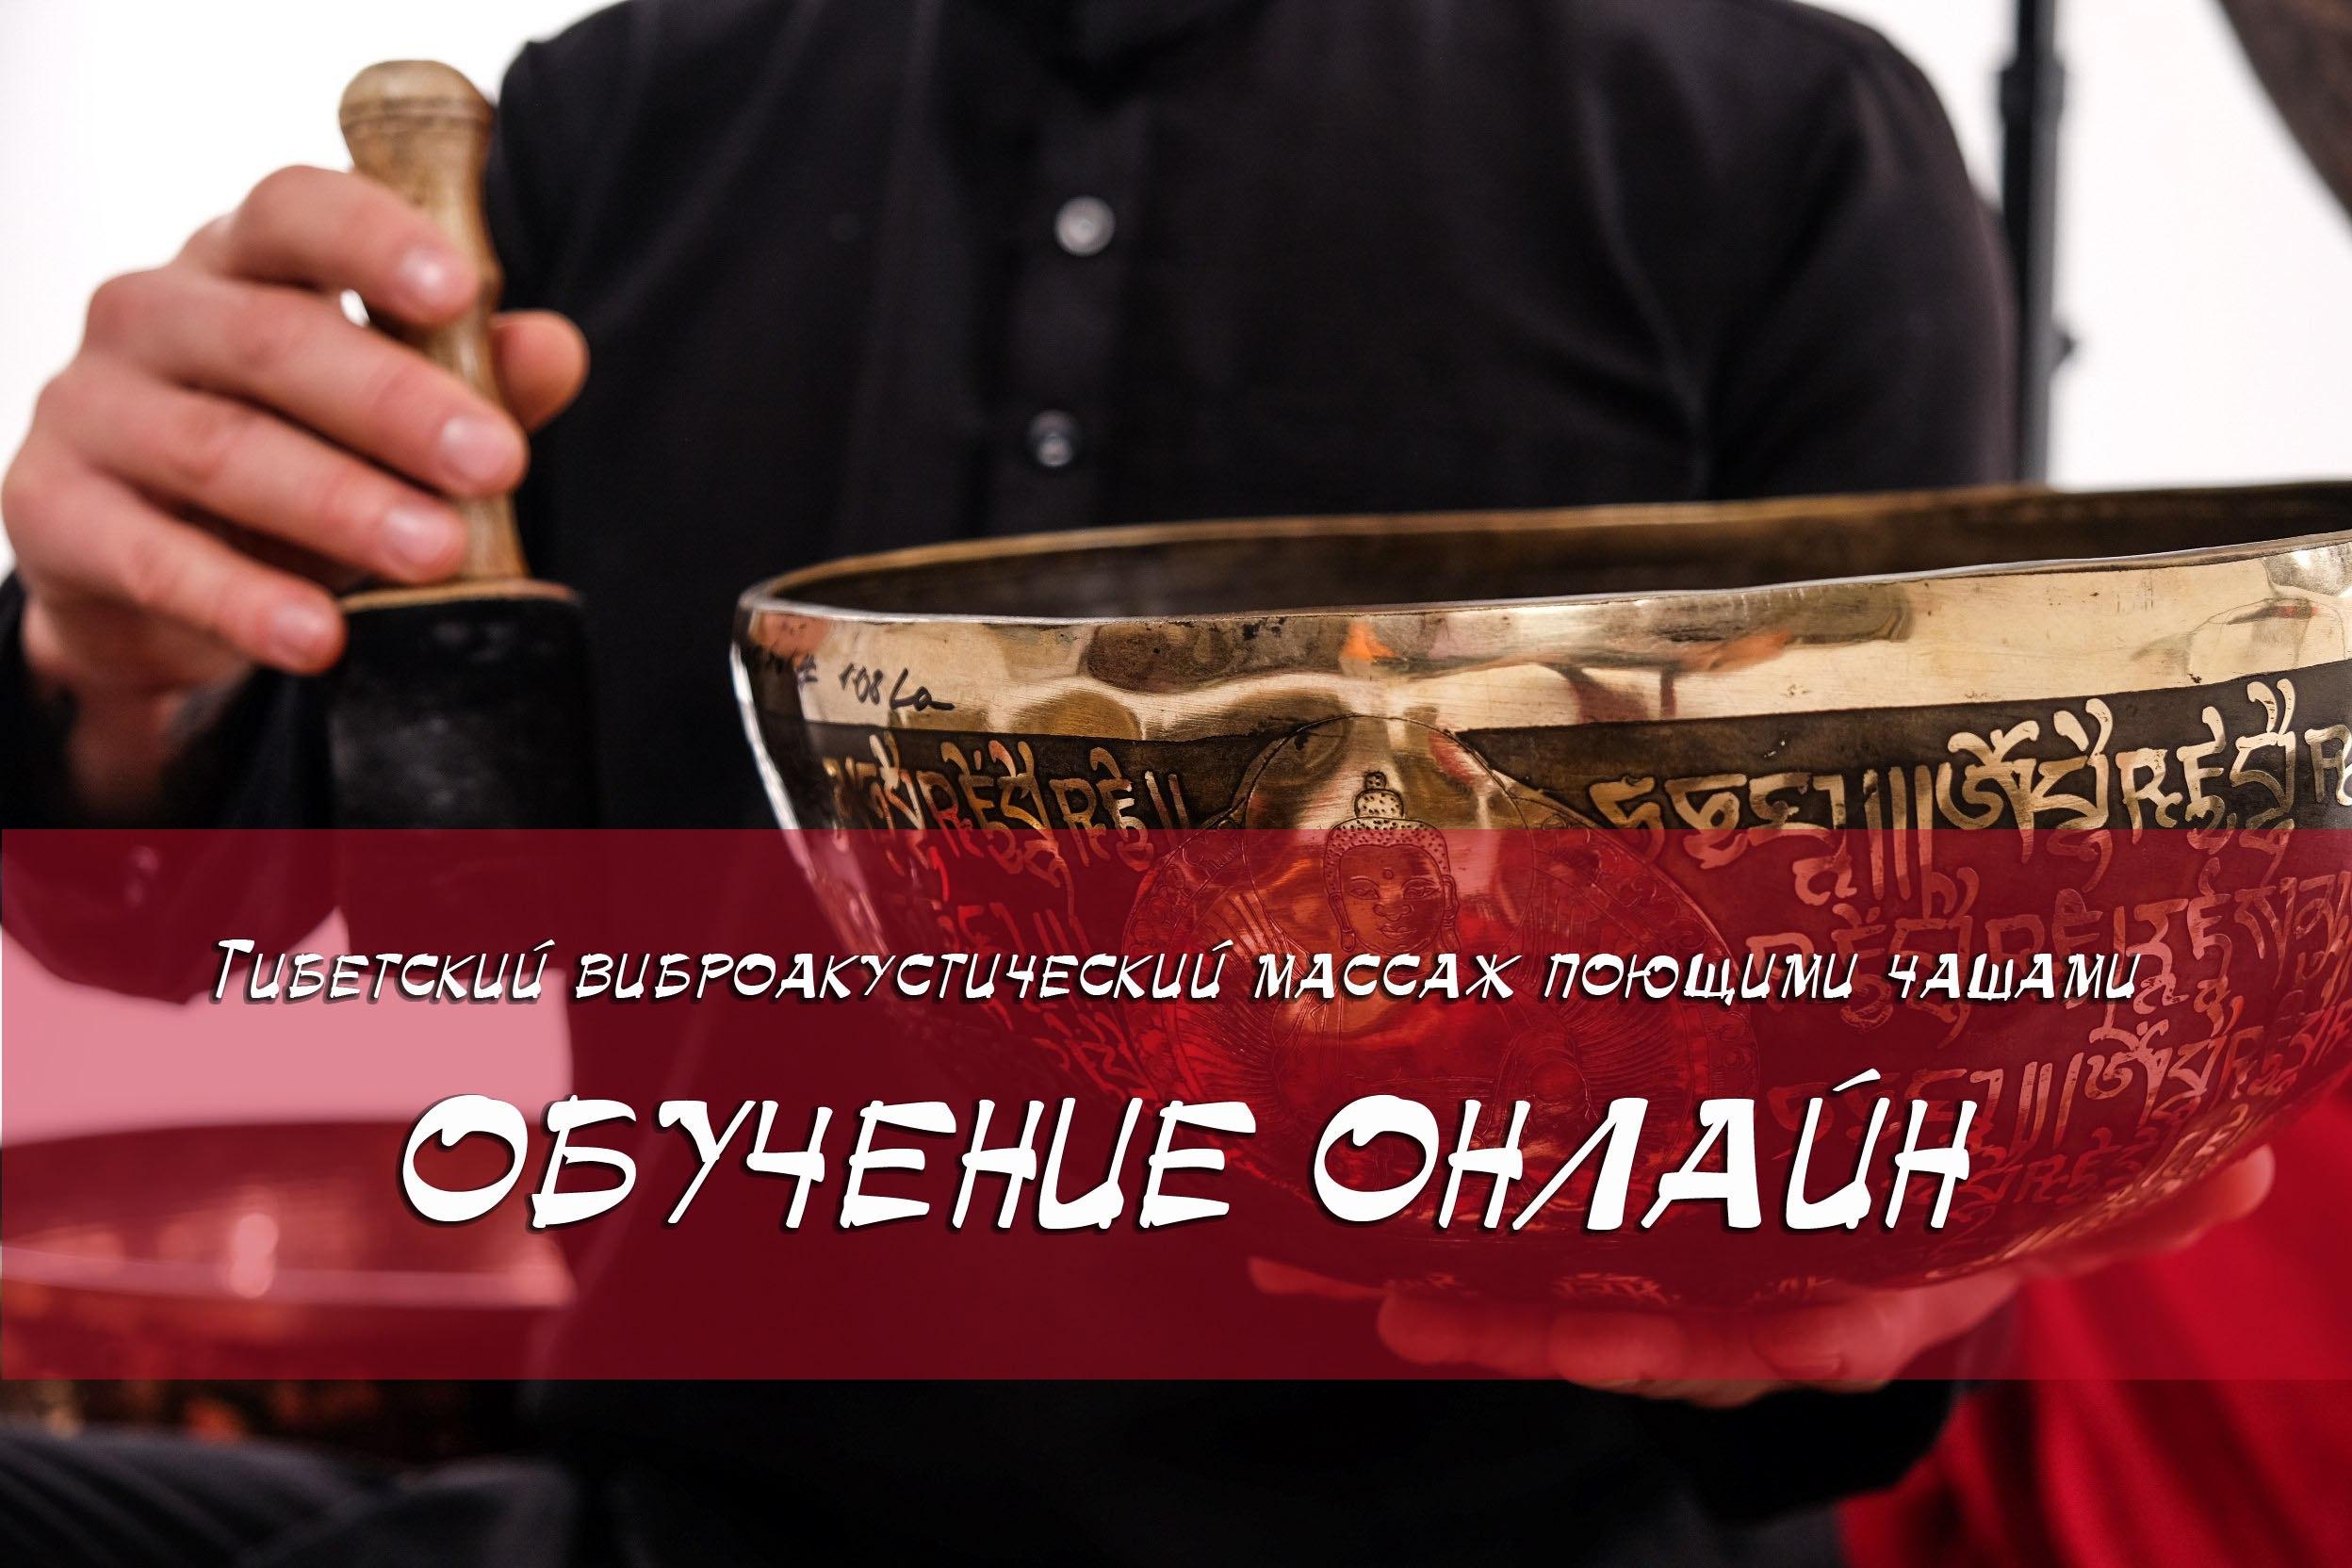 поющие чаши массаж видео